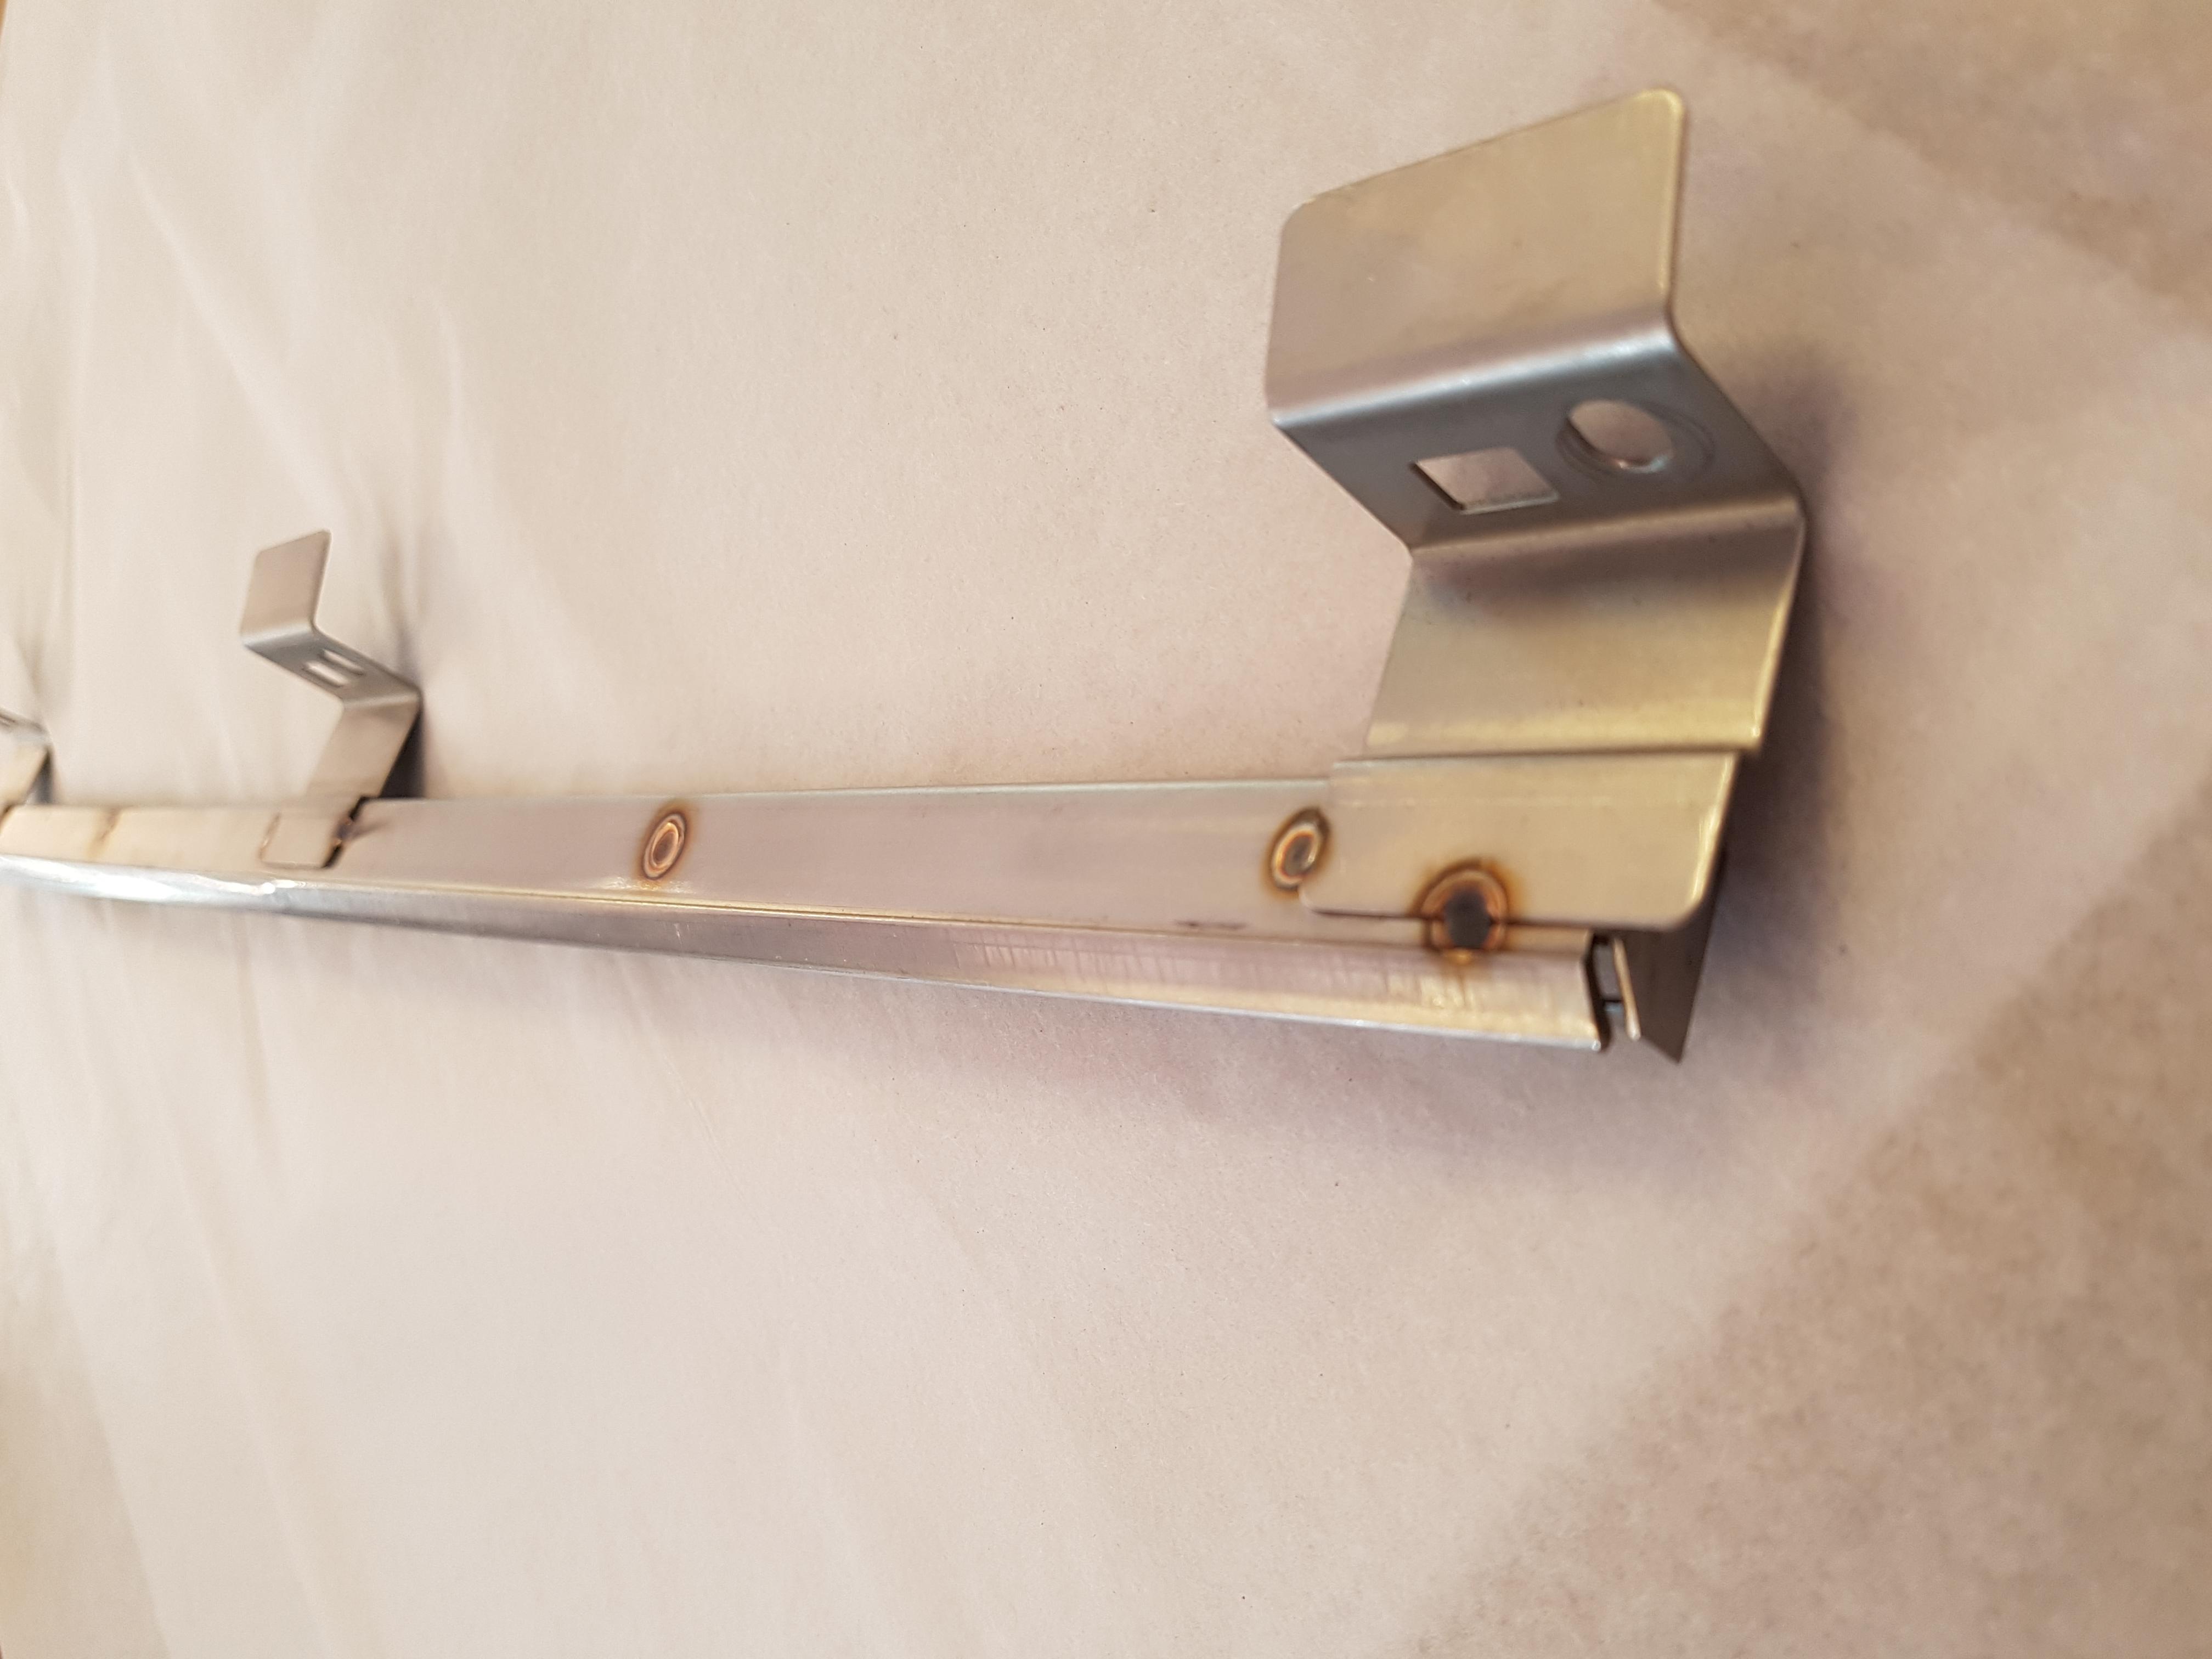 CROSSOVER-Rohr, Genesis II-Serie 6 Brenner